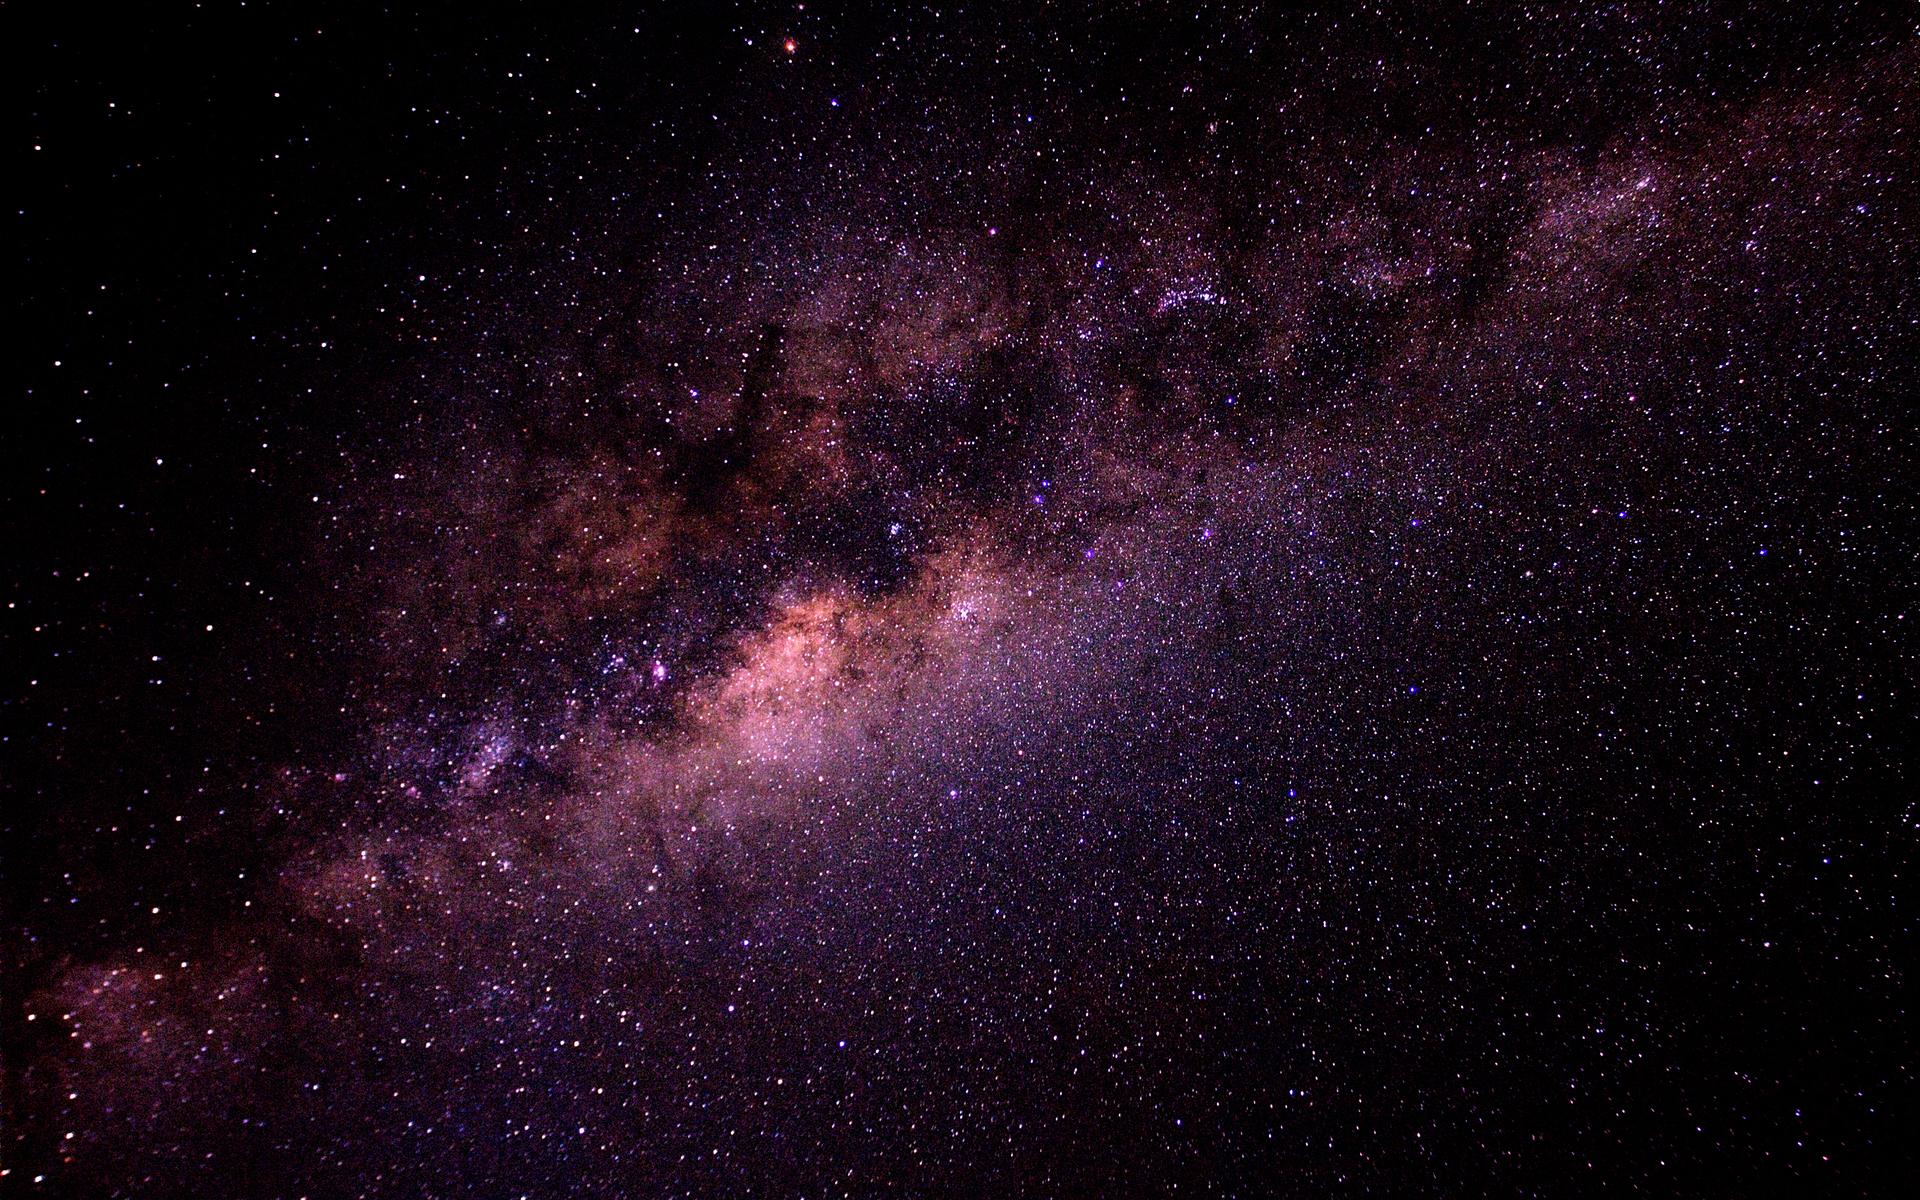 Wallpapers of Galaxies - WallpaperSafari